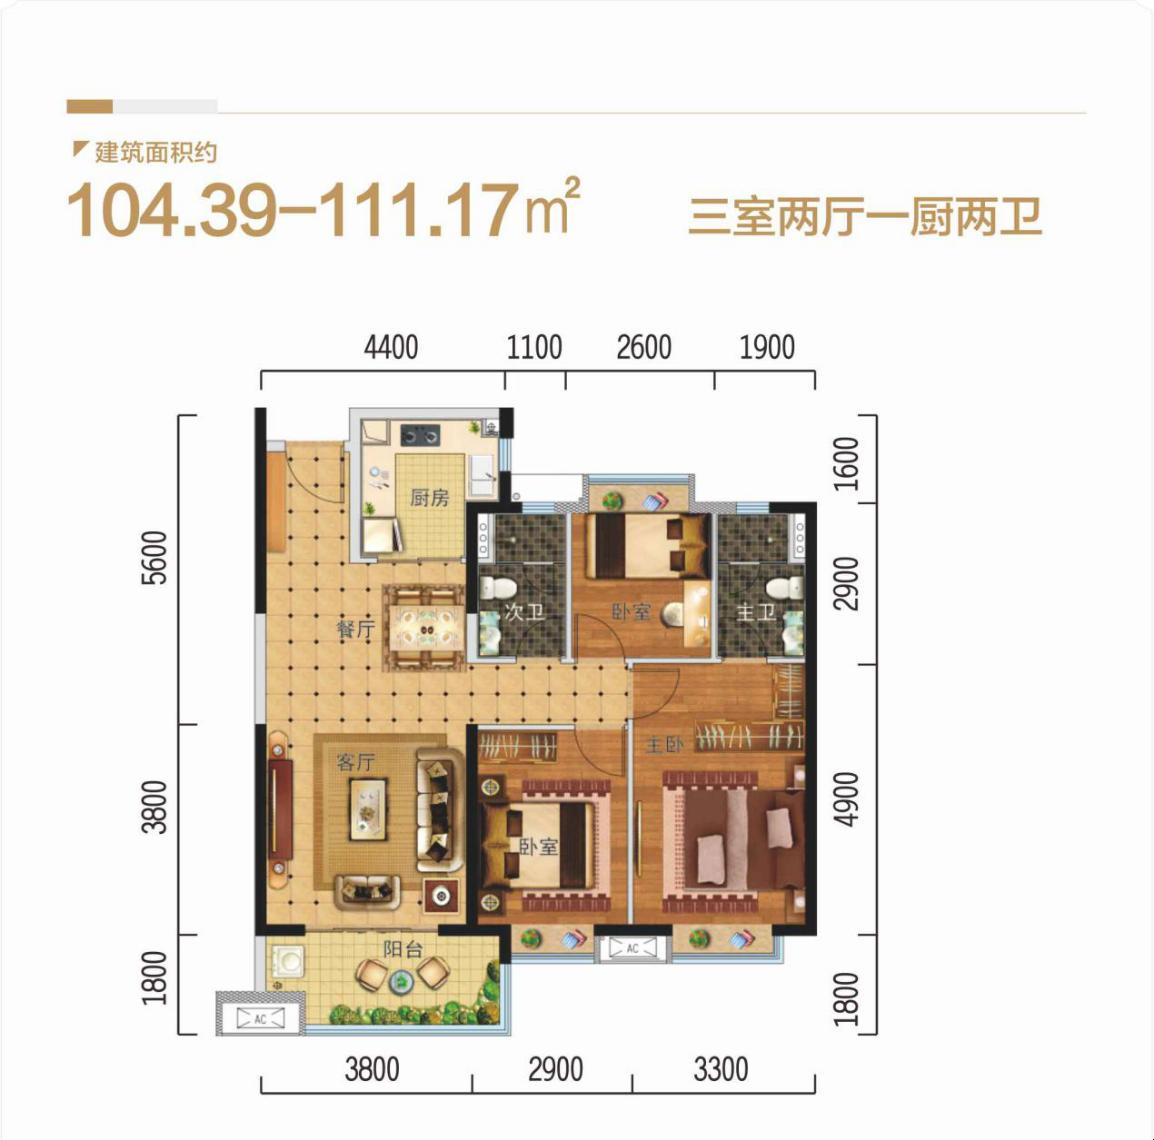 融创美伦熙语三居户型图,建筑面积105-111㎡